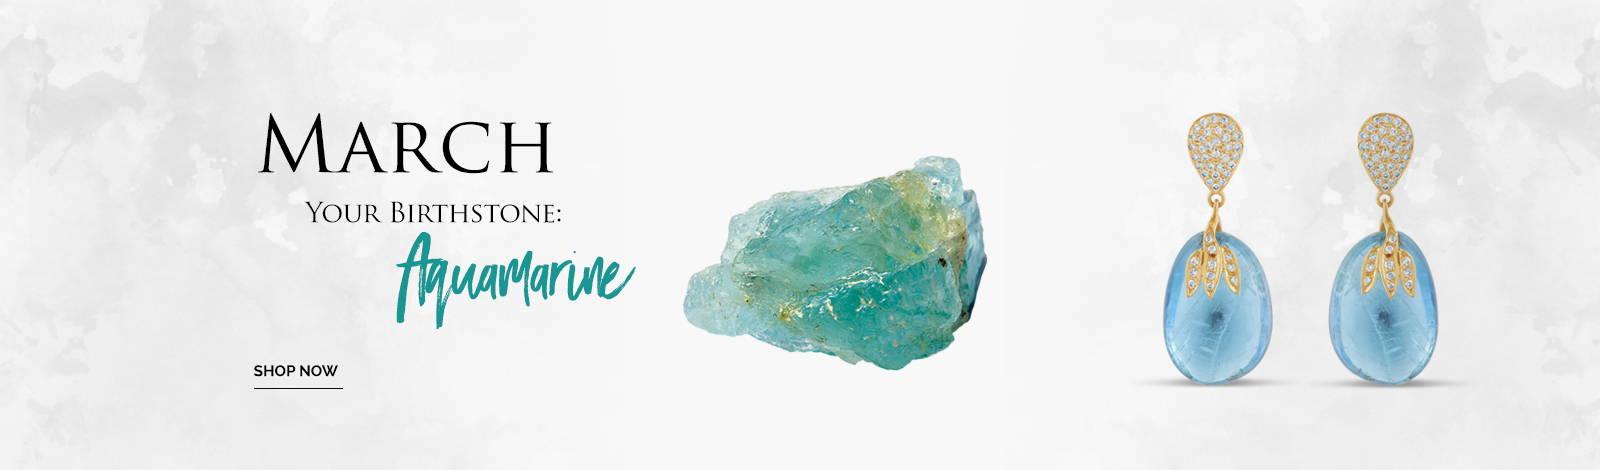 March Birthstone; Aquamarine